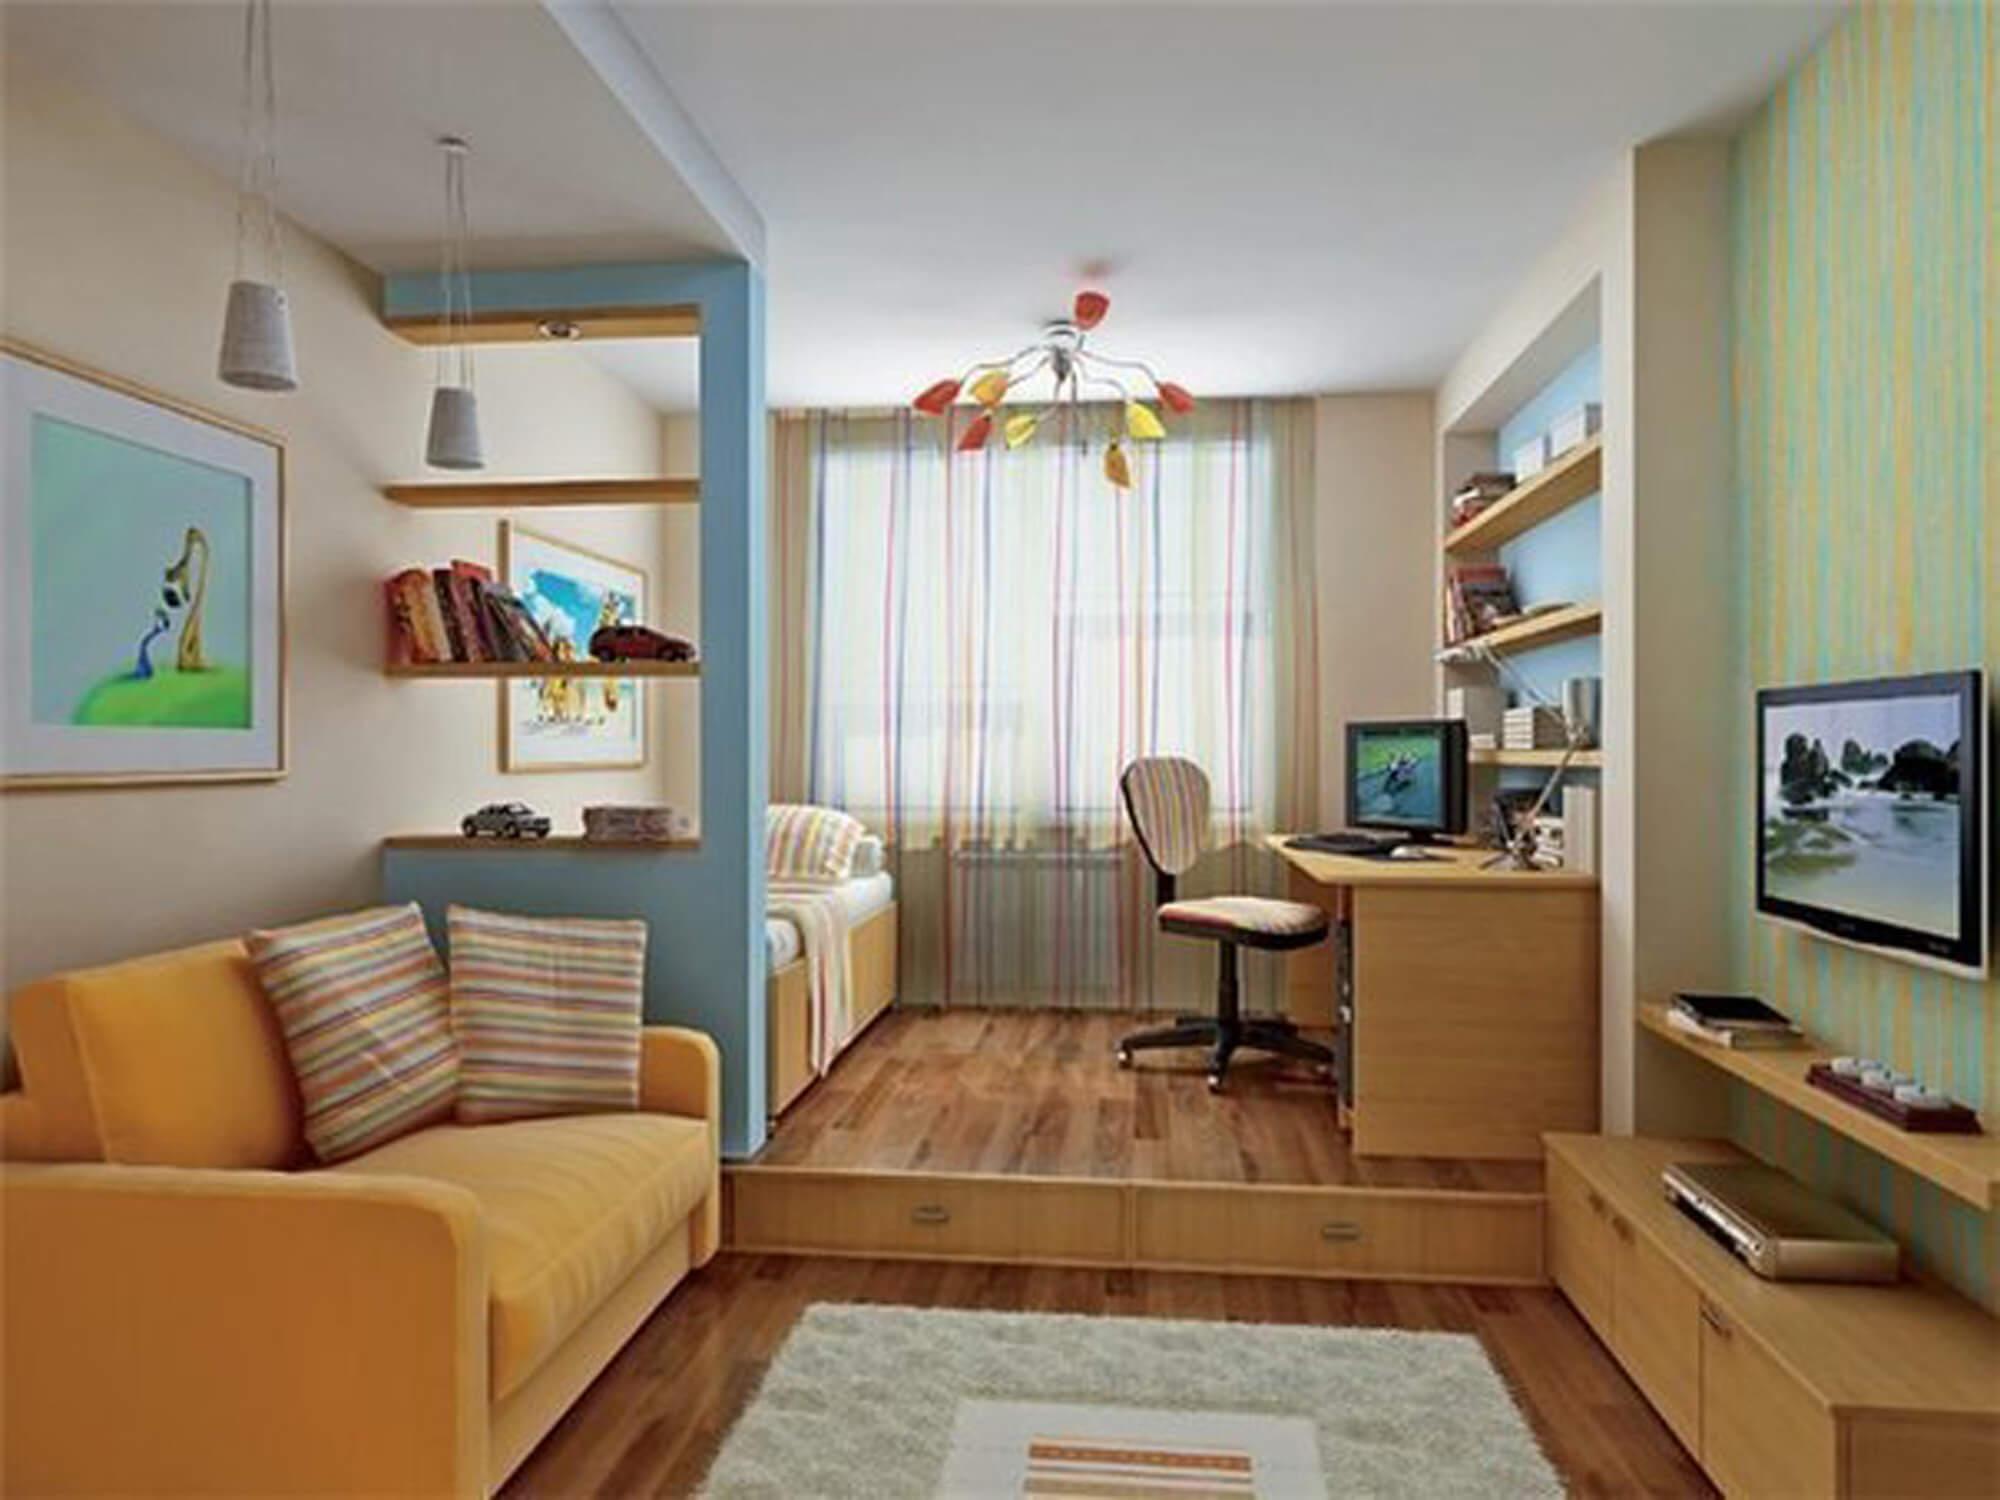 Дизайн однокомнатной квартиры с подростком фото